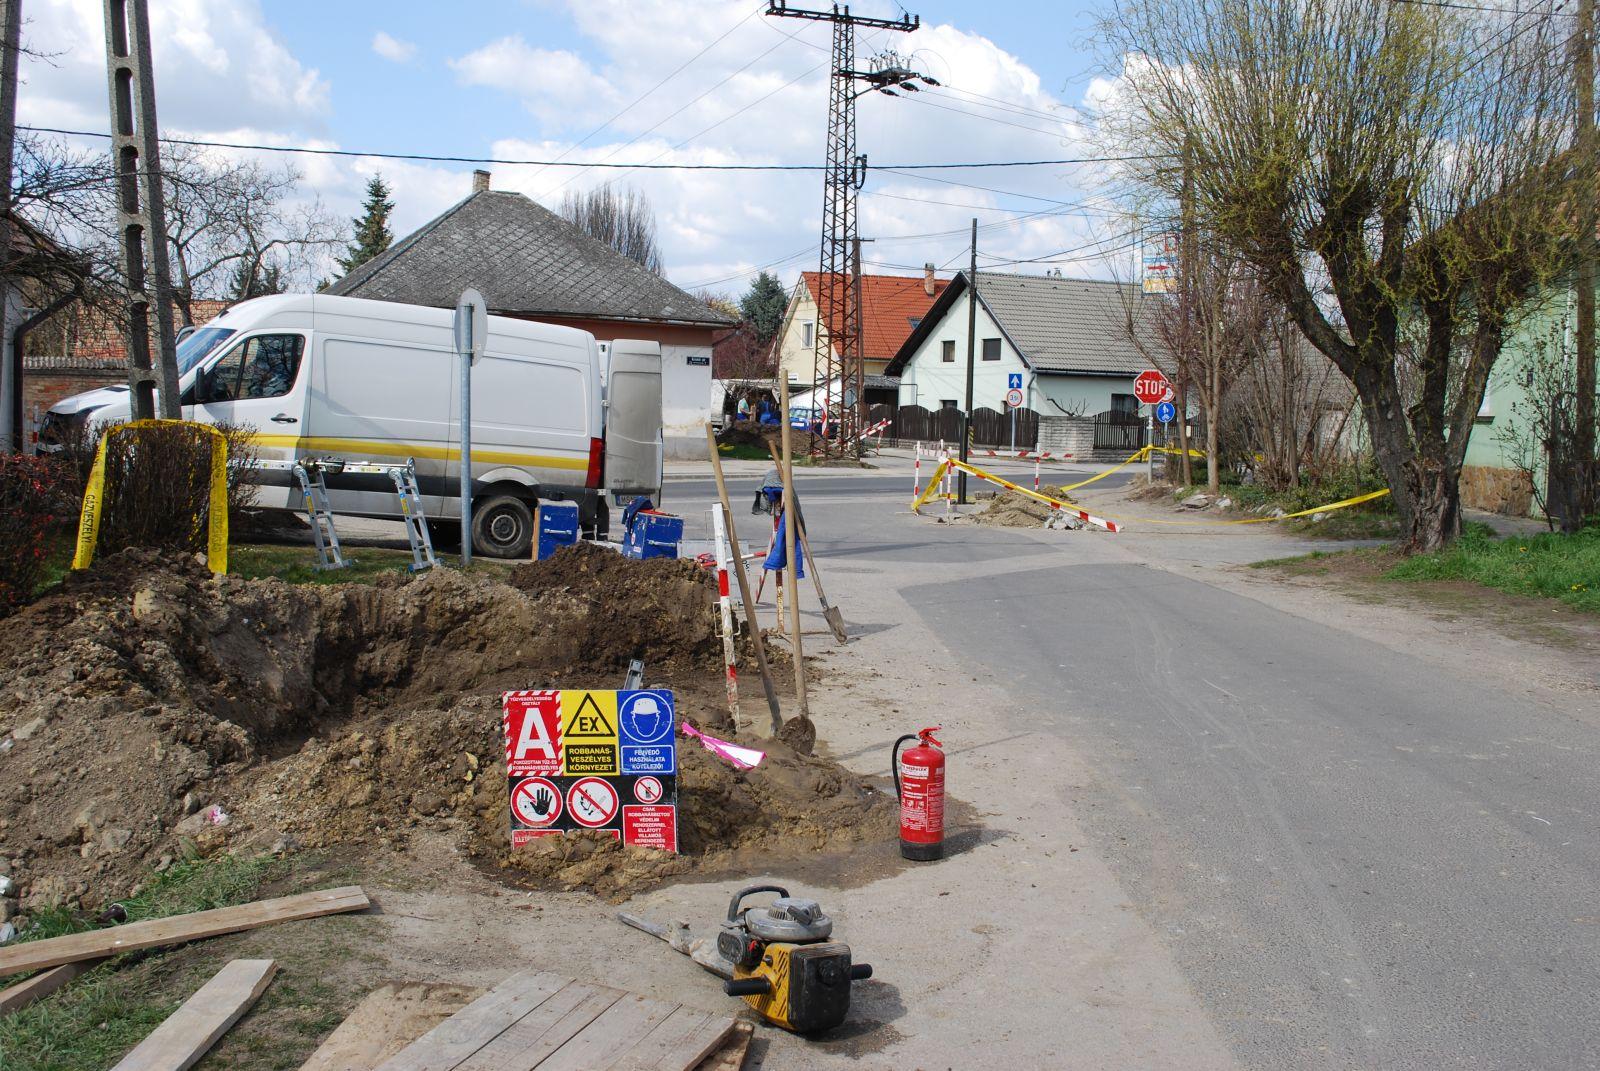 Gázszivárgás és ideiglenes forgalomkorlátozás a Kistói út-Dózsa György utca kereszteződésében